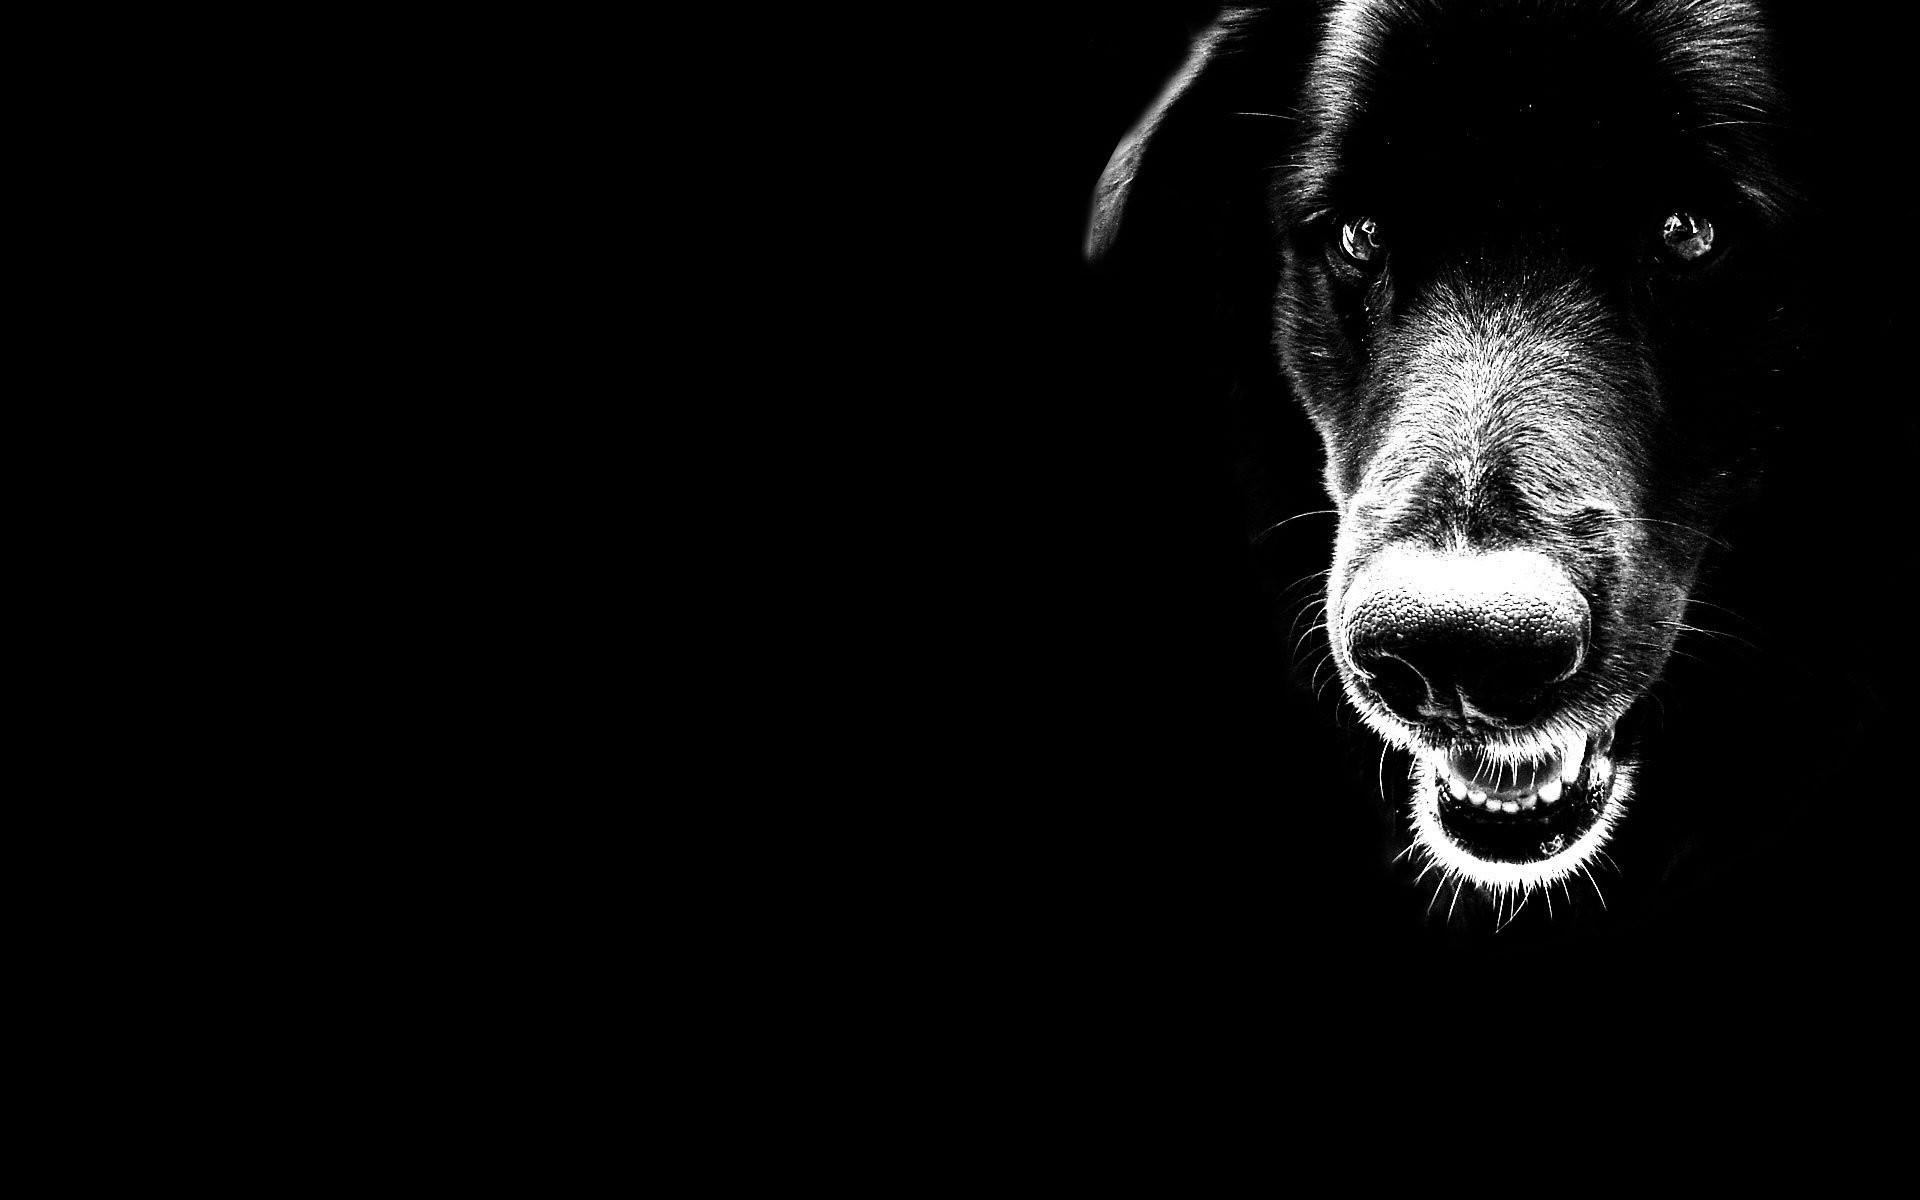 Scary Black Dog